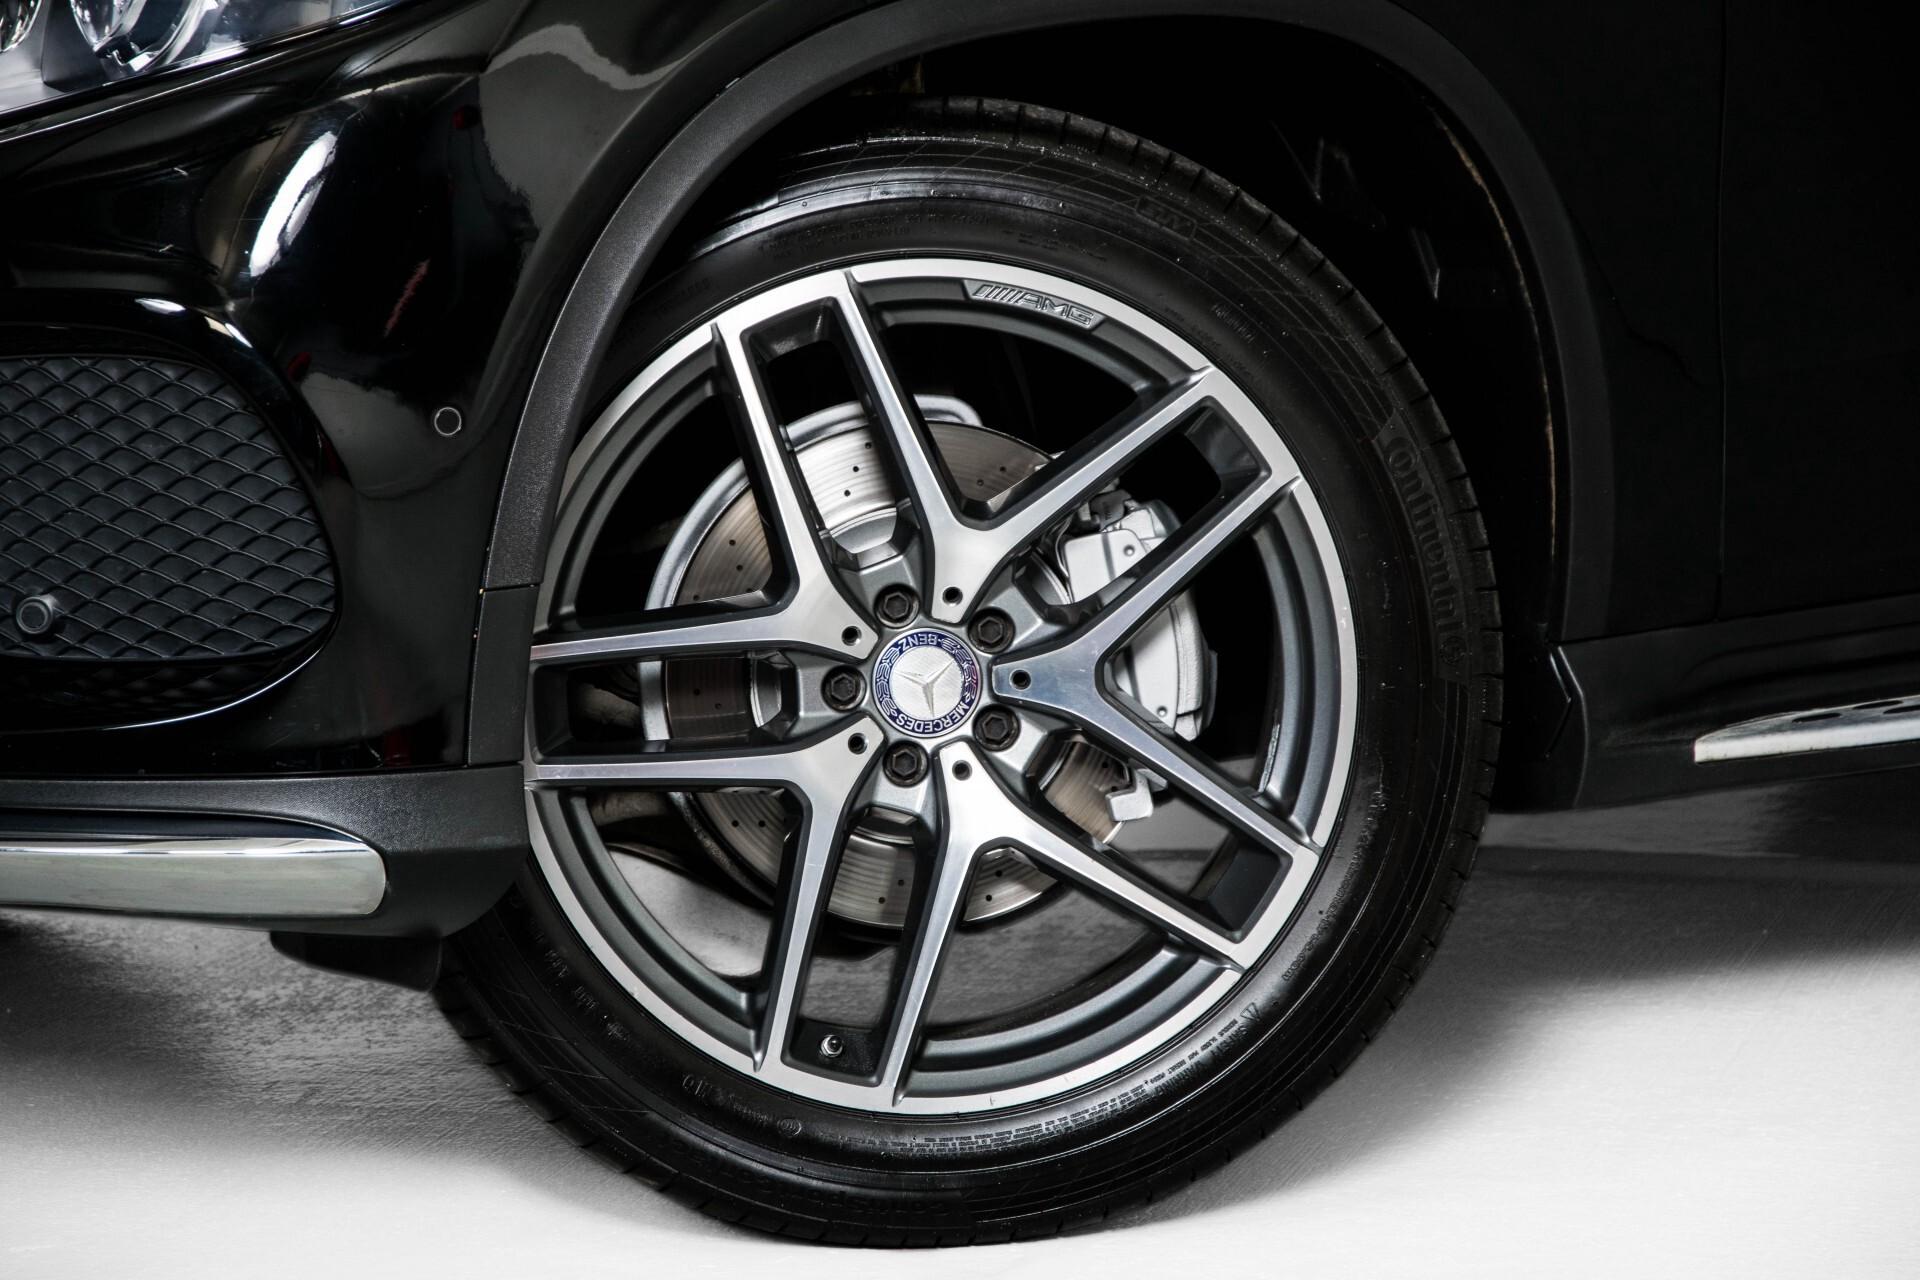 Mercedes-Benz GLE-Klasse Coupé 350 d 4-M AMG Luchtvering/Distronic/Panorama/Mem/Trekhaak Aut9 Foto 70